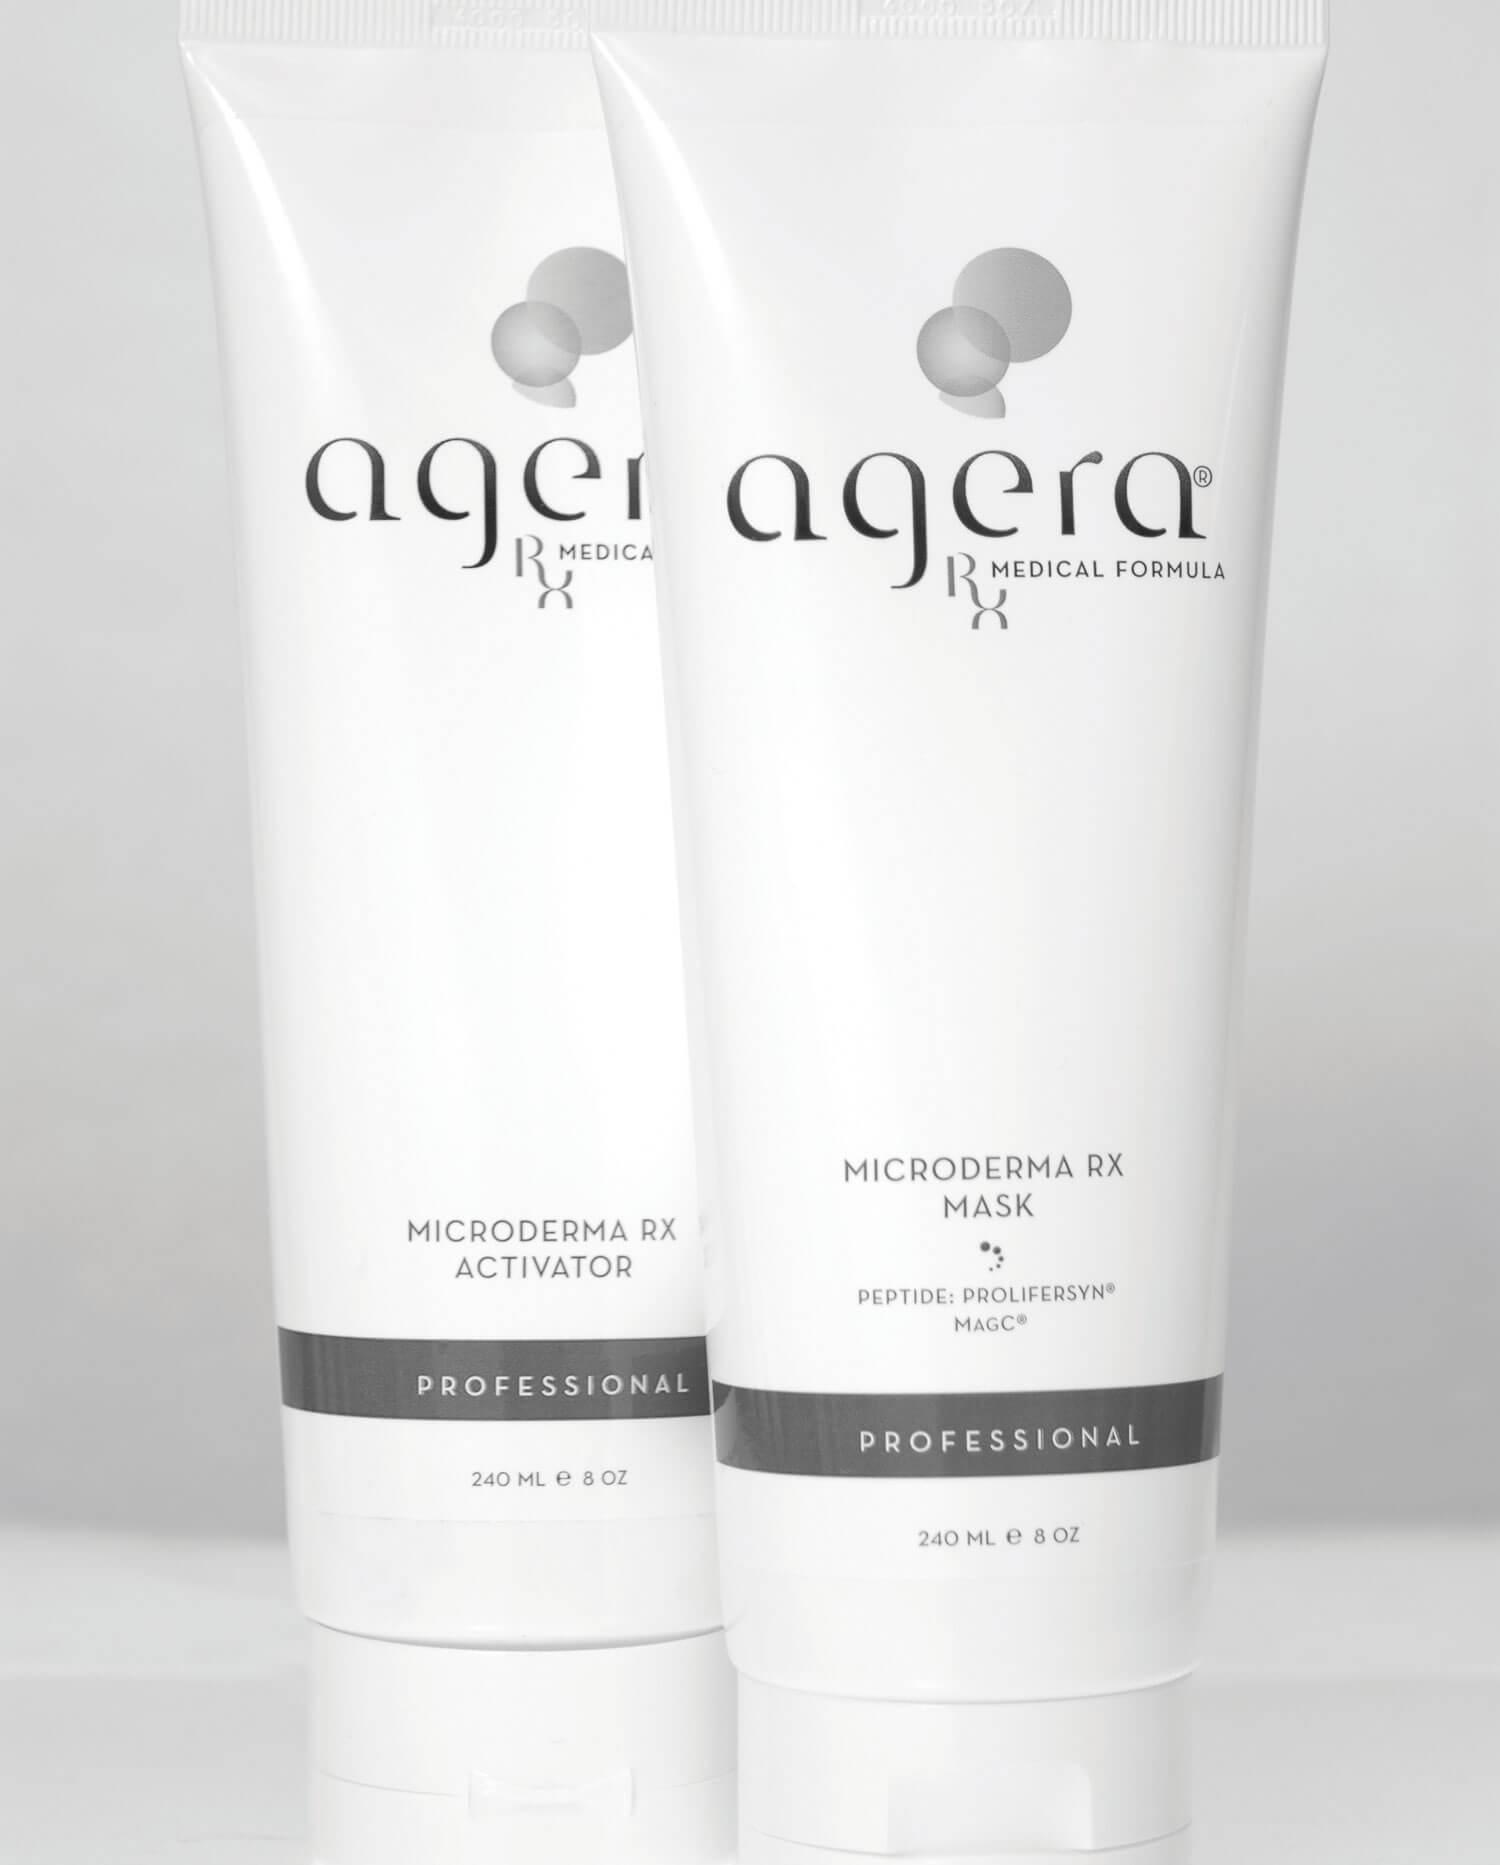 Agera Skincare Product